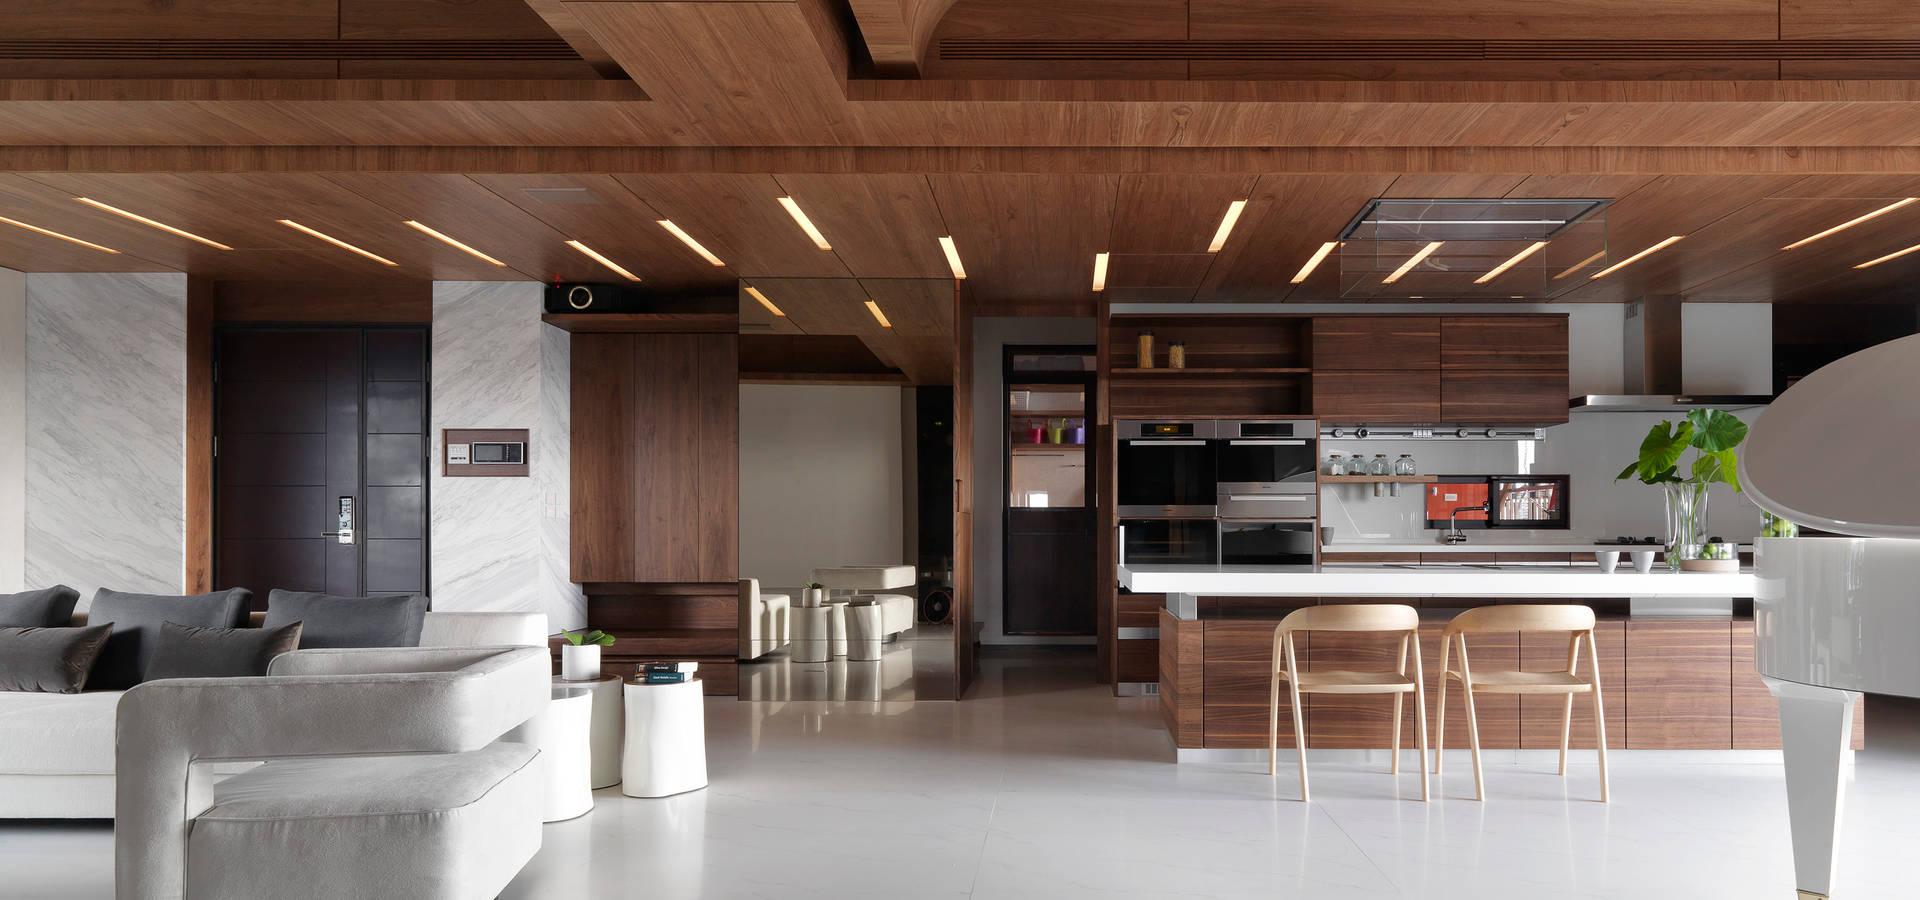 禾築國際設計Herzu  Interior Design